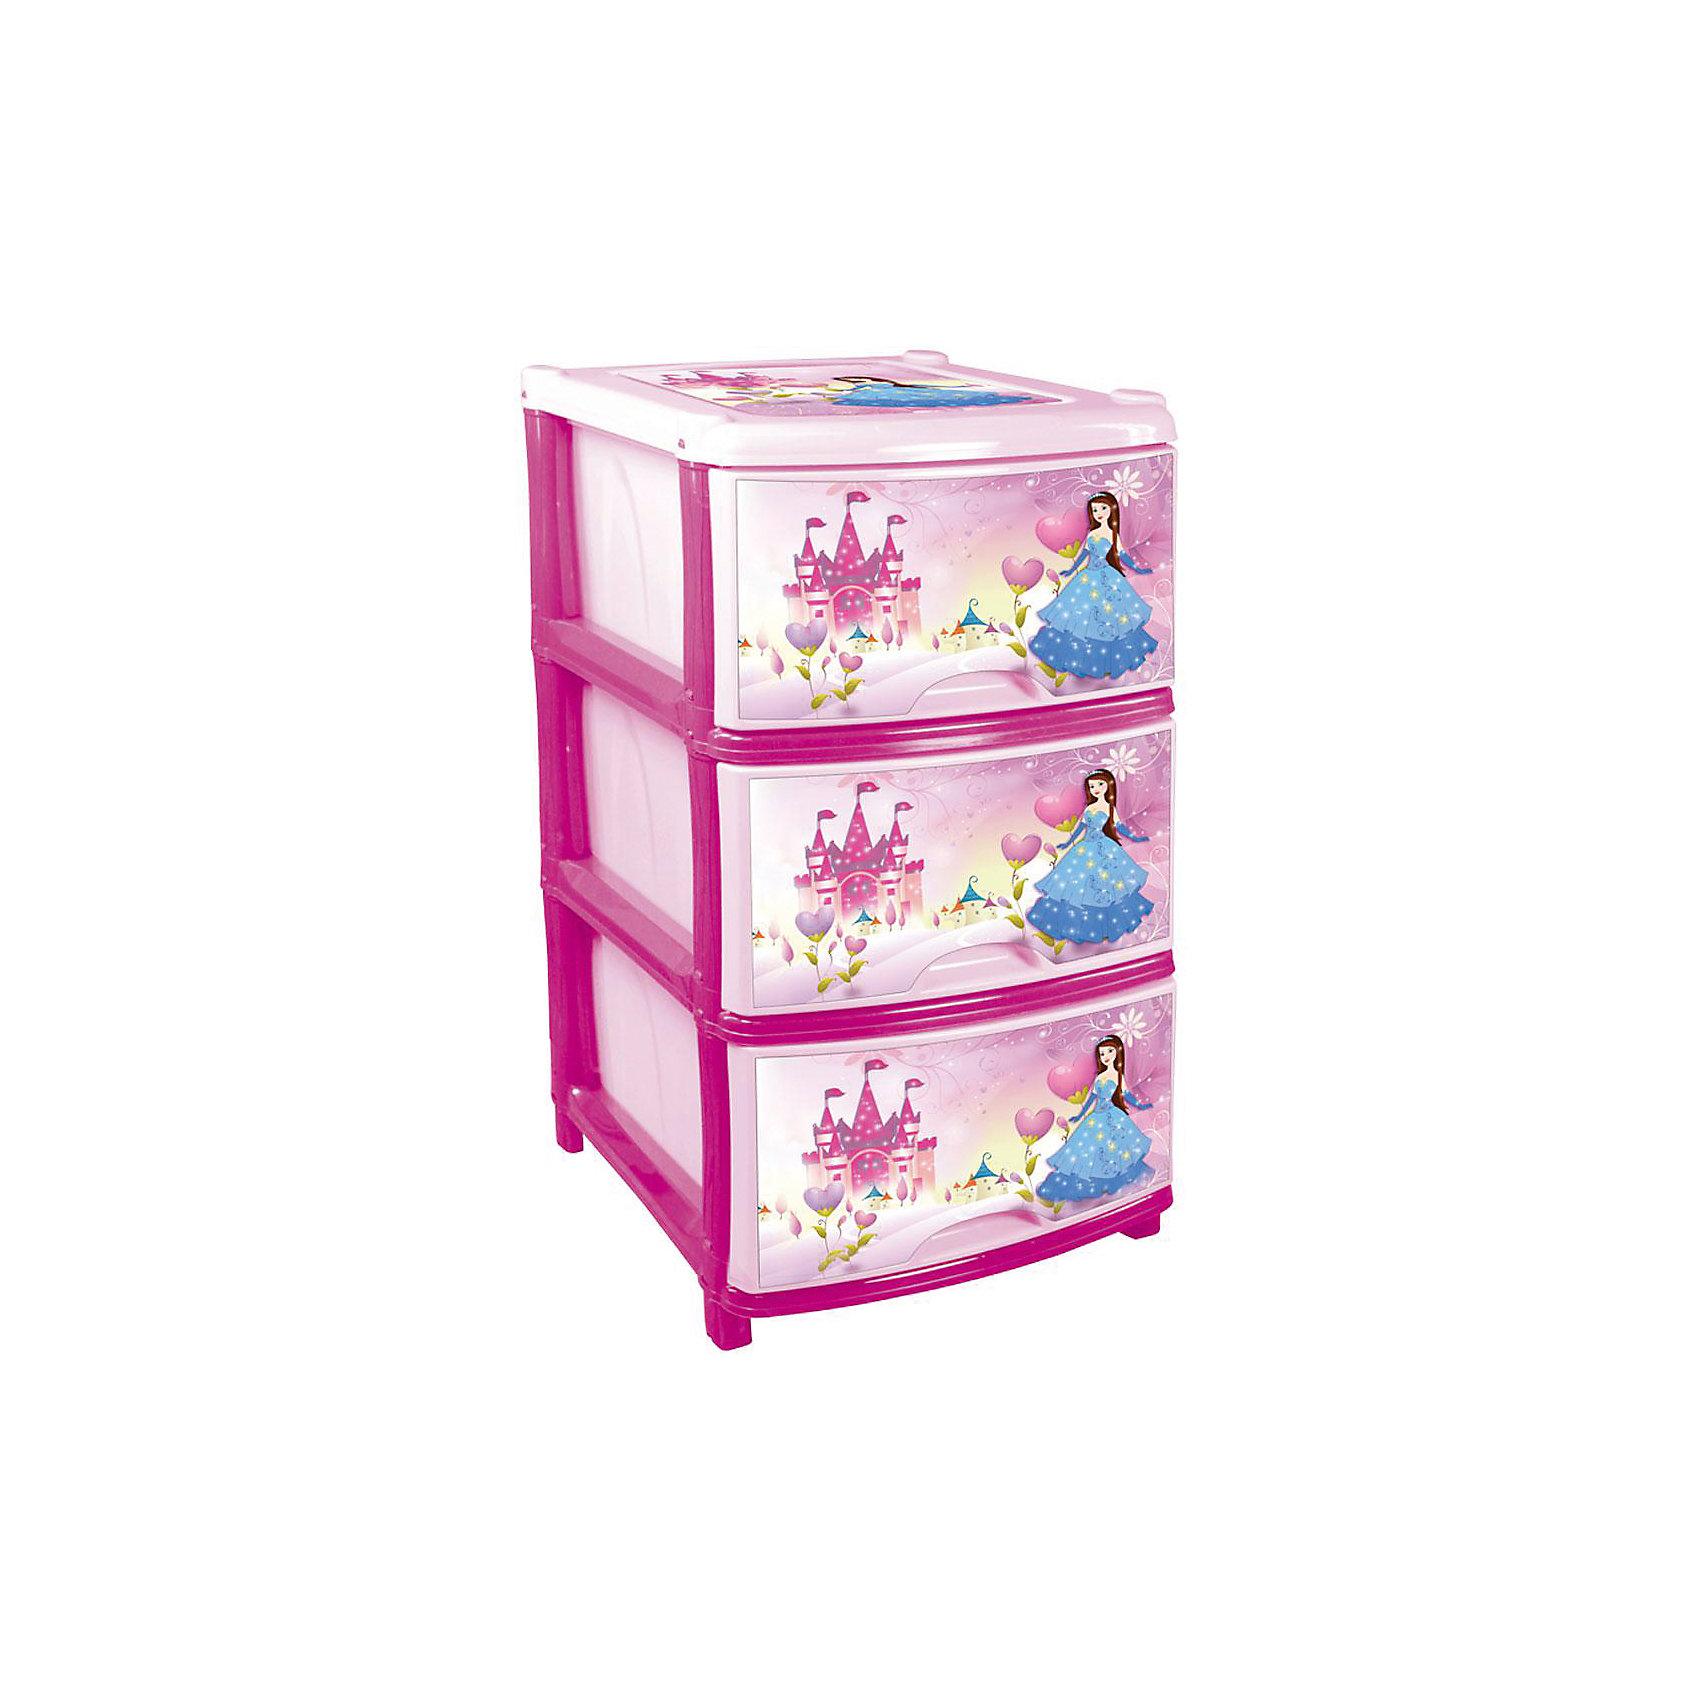 Комод (для девочек) 3-х секционный, AlternativaМебель<br>Характеристики:<br><br>• Предназначение: для детской комнаты<br>• Пол: для девочки<br>• Материал: пластик<br>• Цвет: розовый, голубой, желтый<br>• Размер (Д*Ш*В):  48*38*74 см<br>• Вес: 4 кг 200 г<br>• Количество секций: 3 шт.<br>• Тип ящиков: выдвижные, с ручками<br>• В комплекте имеется инструкция по сборке<br>• Форма: прямоугольный<br>• Особенности ухода: разрешается мыть теплой водой<br><br>Комод (для девочек) 3-х секционный, Alternativa изготовлен отечественным производителем ООО ЗПИ Альтернатива, который специализируется на выпуске широкого спектра изделий и предметов мебели из пластика. Комод выполнен из экологически безопасного материала, устойчивого к механическим повреждениям. Имеет компактный размер и повышенную вместимость за счет глубоких ящиков. Каркас комода устойчивый, ножки оснащены маленькими колесиками для удобства передвижения. Выдвижные ящики оформлены декором сюжетных картинок с принцессой. Комод (для девочек) 3-х секционный, Alternativa станет не только полезным для хранения различных принадлежностей, но и ярким предметом интерьера. <br><br>Комод (для девочек) 3-х секционный, Alternativa можно купить в нашем интернет-магазине.<br><br>Ширина мм: 480<br>Глубина мм: 380<br>Высота мм: 740<br>Вес г: 3414<br>Возраст от месяцев: -2147483648<br>Возраст до месяцев: 2147483647<br>Пол: Женский<br>Возраст: Детский<br>SKU: 5096537